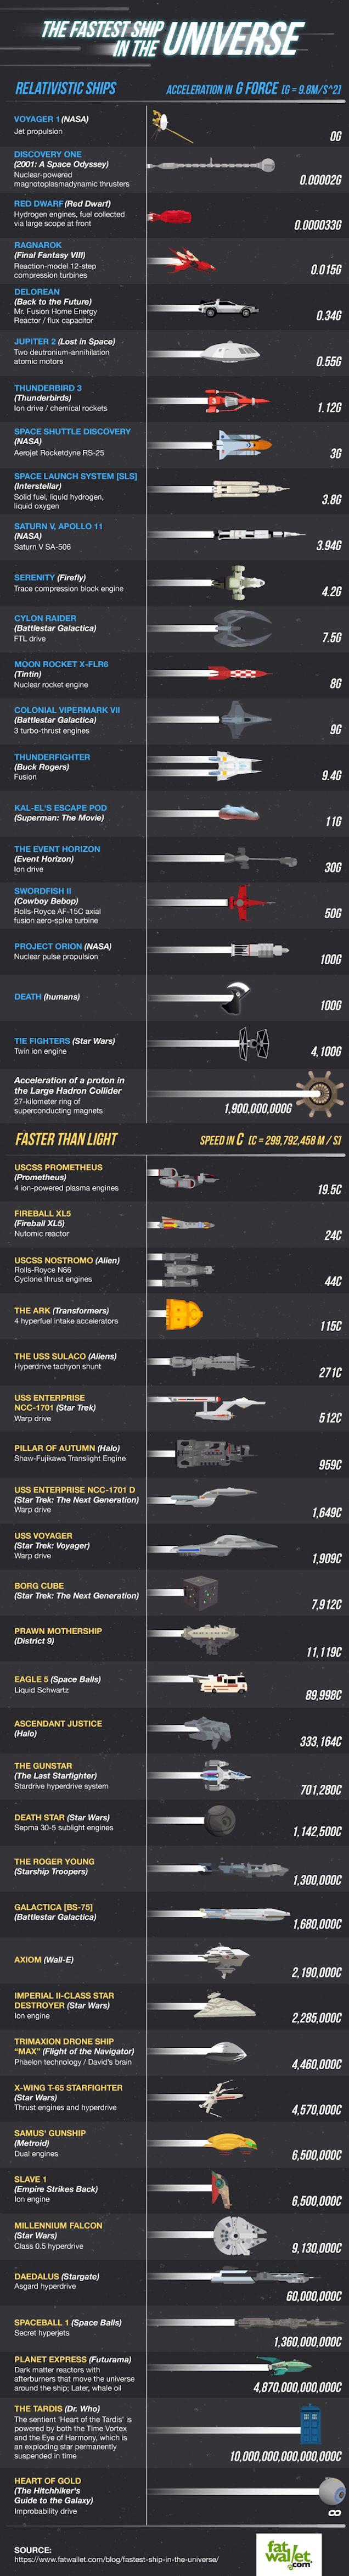 Infográfico compara as velocidades das naves espaciais fictícias e reais